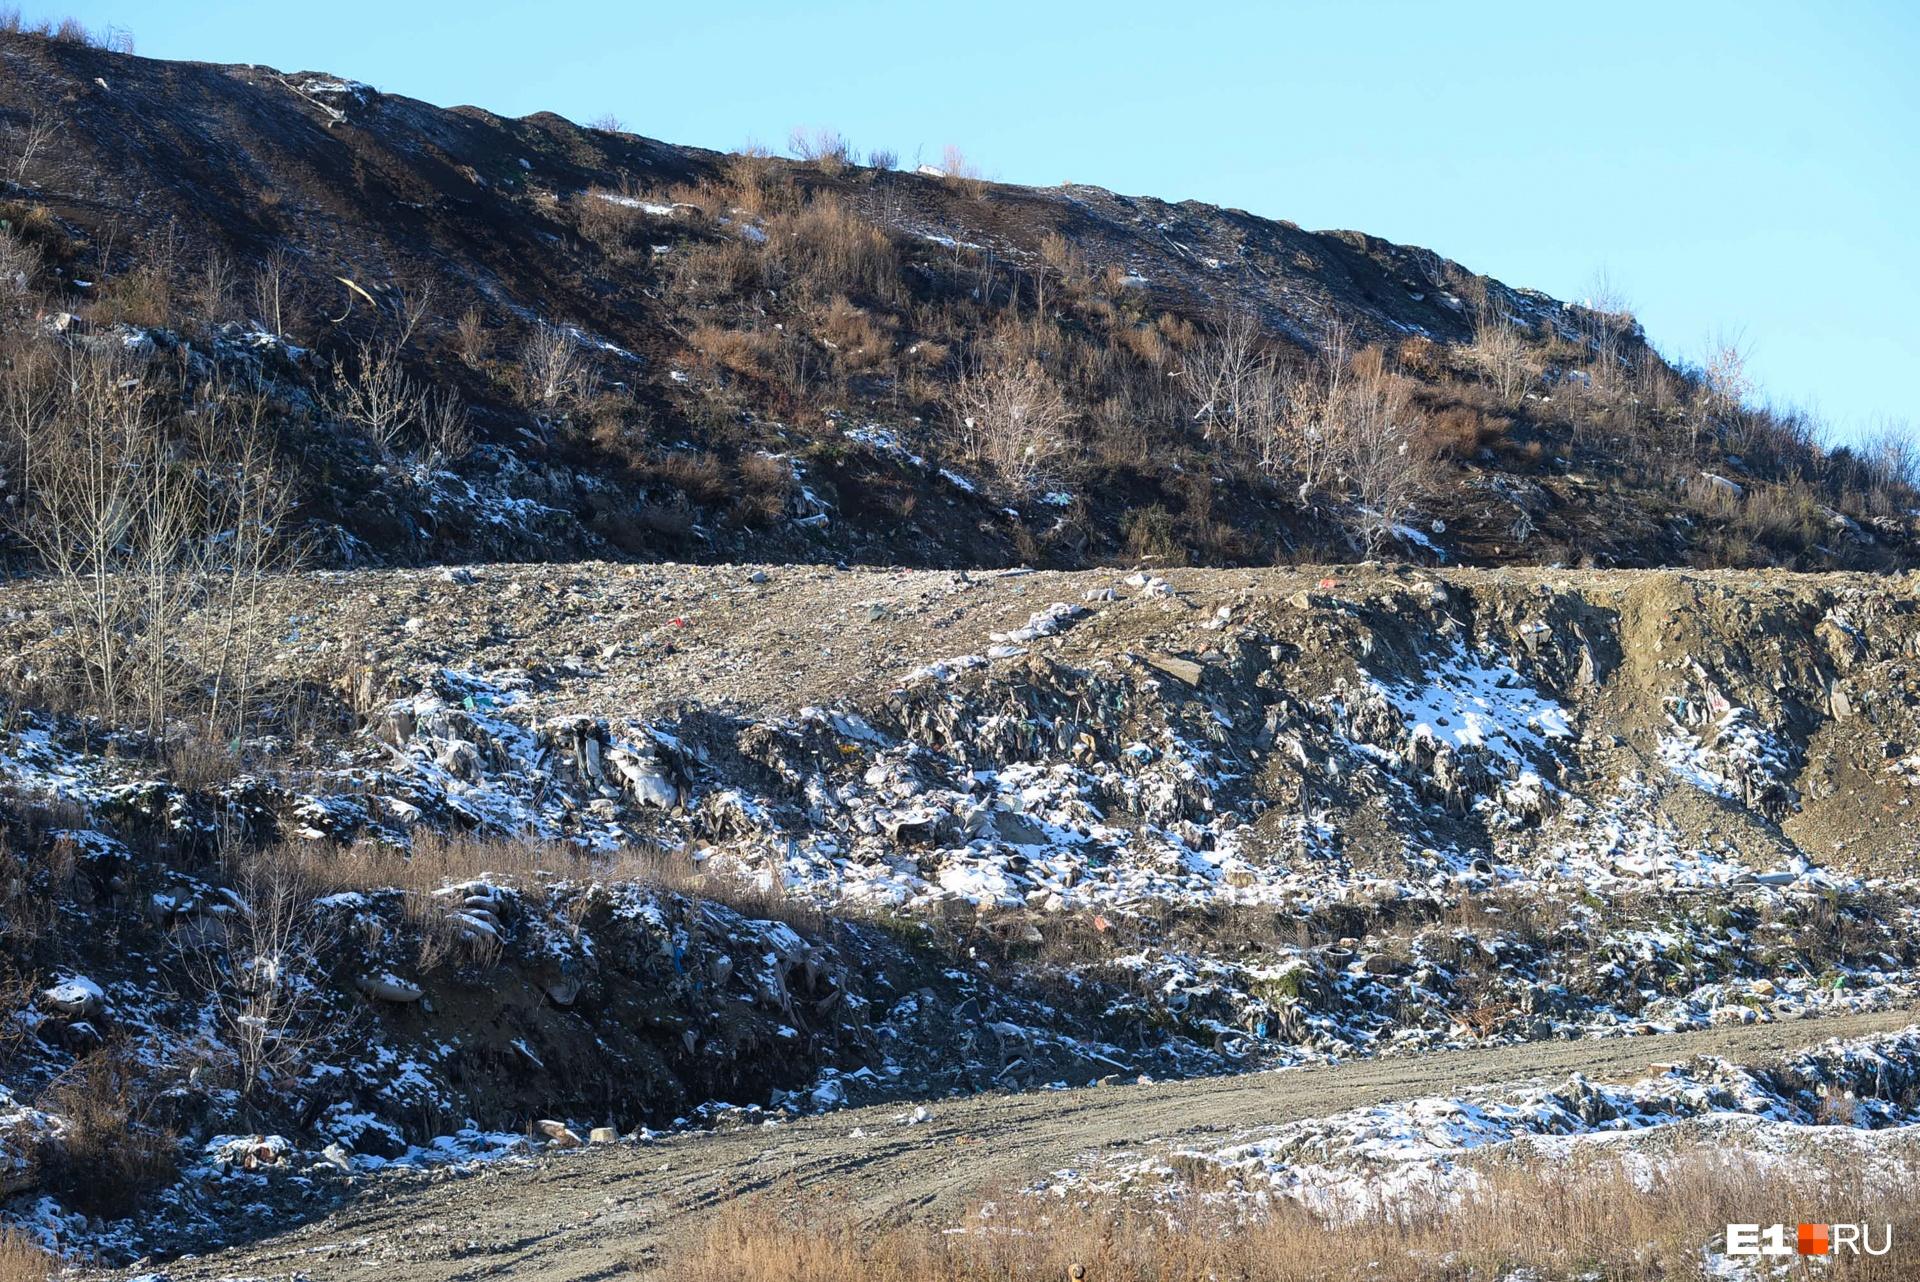 Полигон на Широкой Речке, который много лет принимал отходы Екатеринбурга, должны рекультивировать в 2021 году